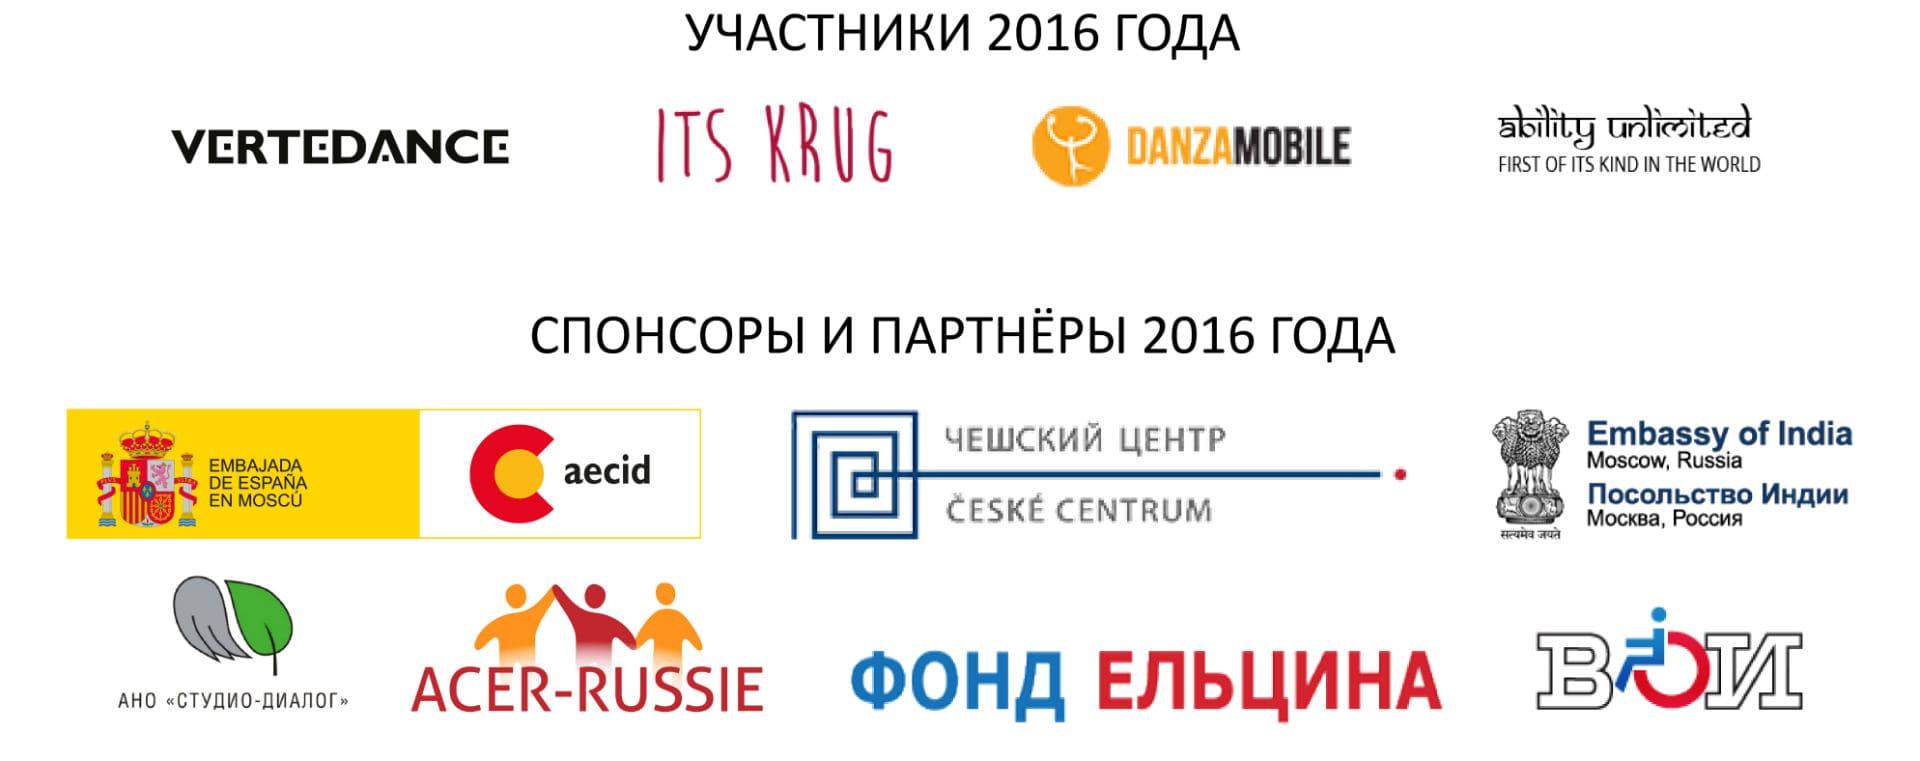 Организаторы, спонсоры и партнеры фестиваля Протеатр 2015